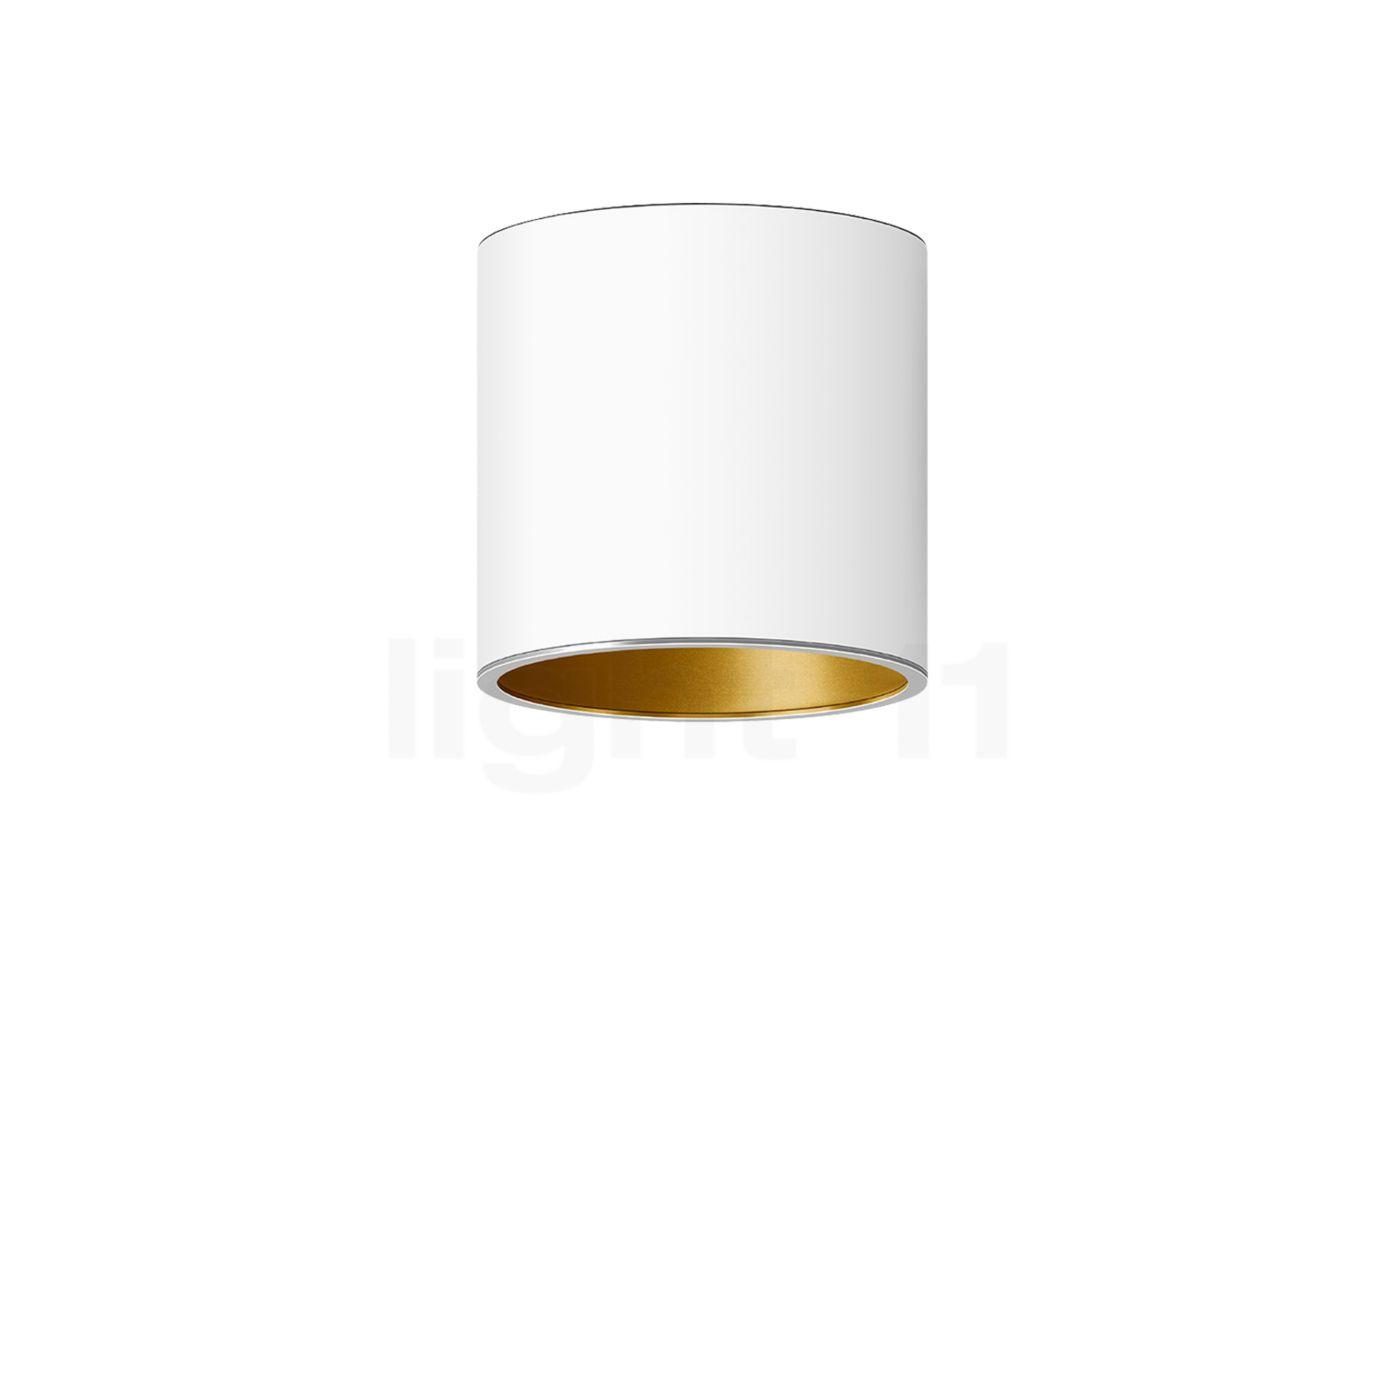 Bega Studio Line Deckenleuchte Tiefstrahler LED rund, weiß/Messing matt, 13,7 W 50678.4K3